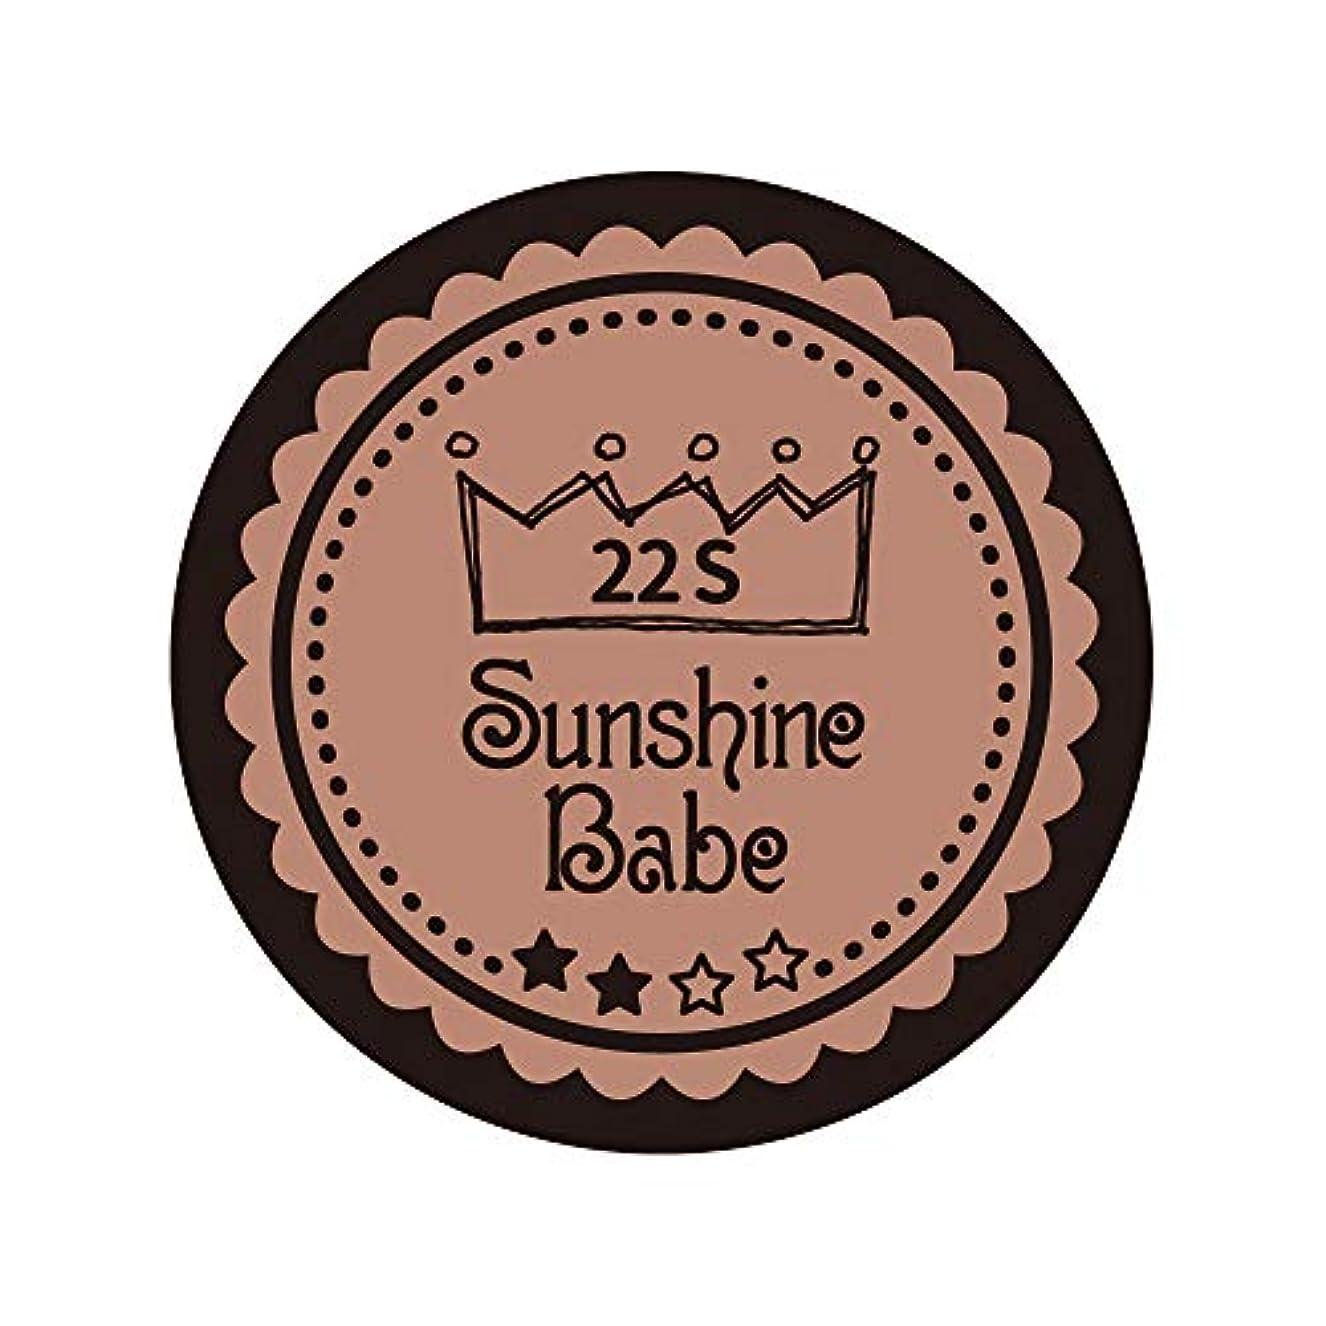 椅子影響力のある満足できるSunshine Babe カラージェル 22S パレロワイヤル 2.7g UV/LED対応